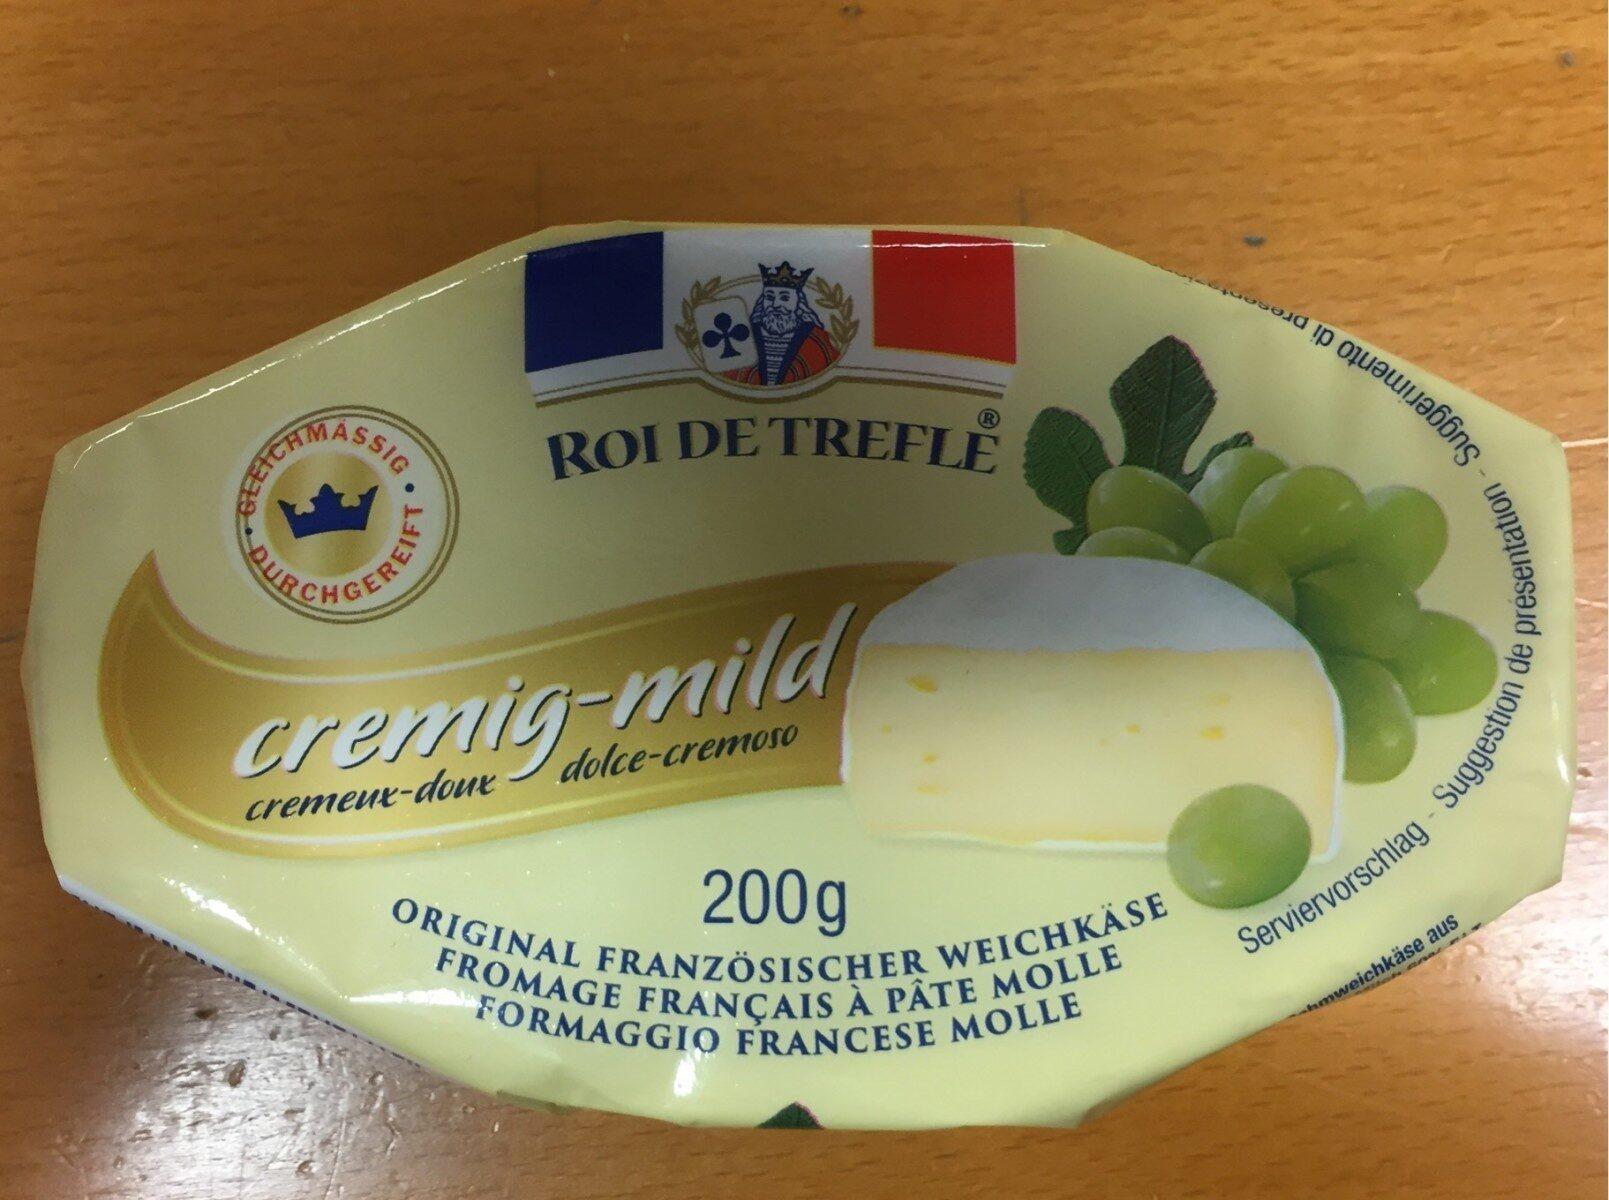 Fromage français a pâte molle - Product - de